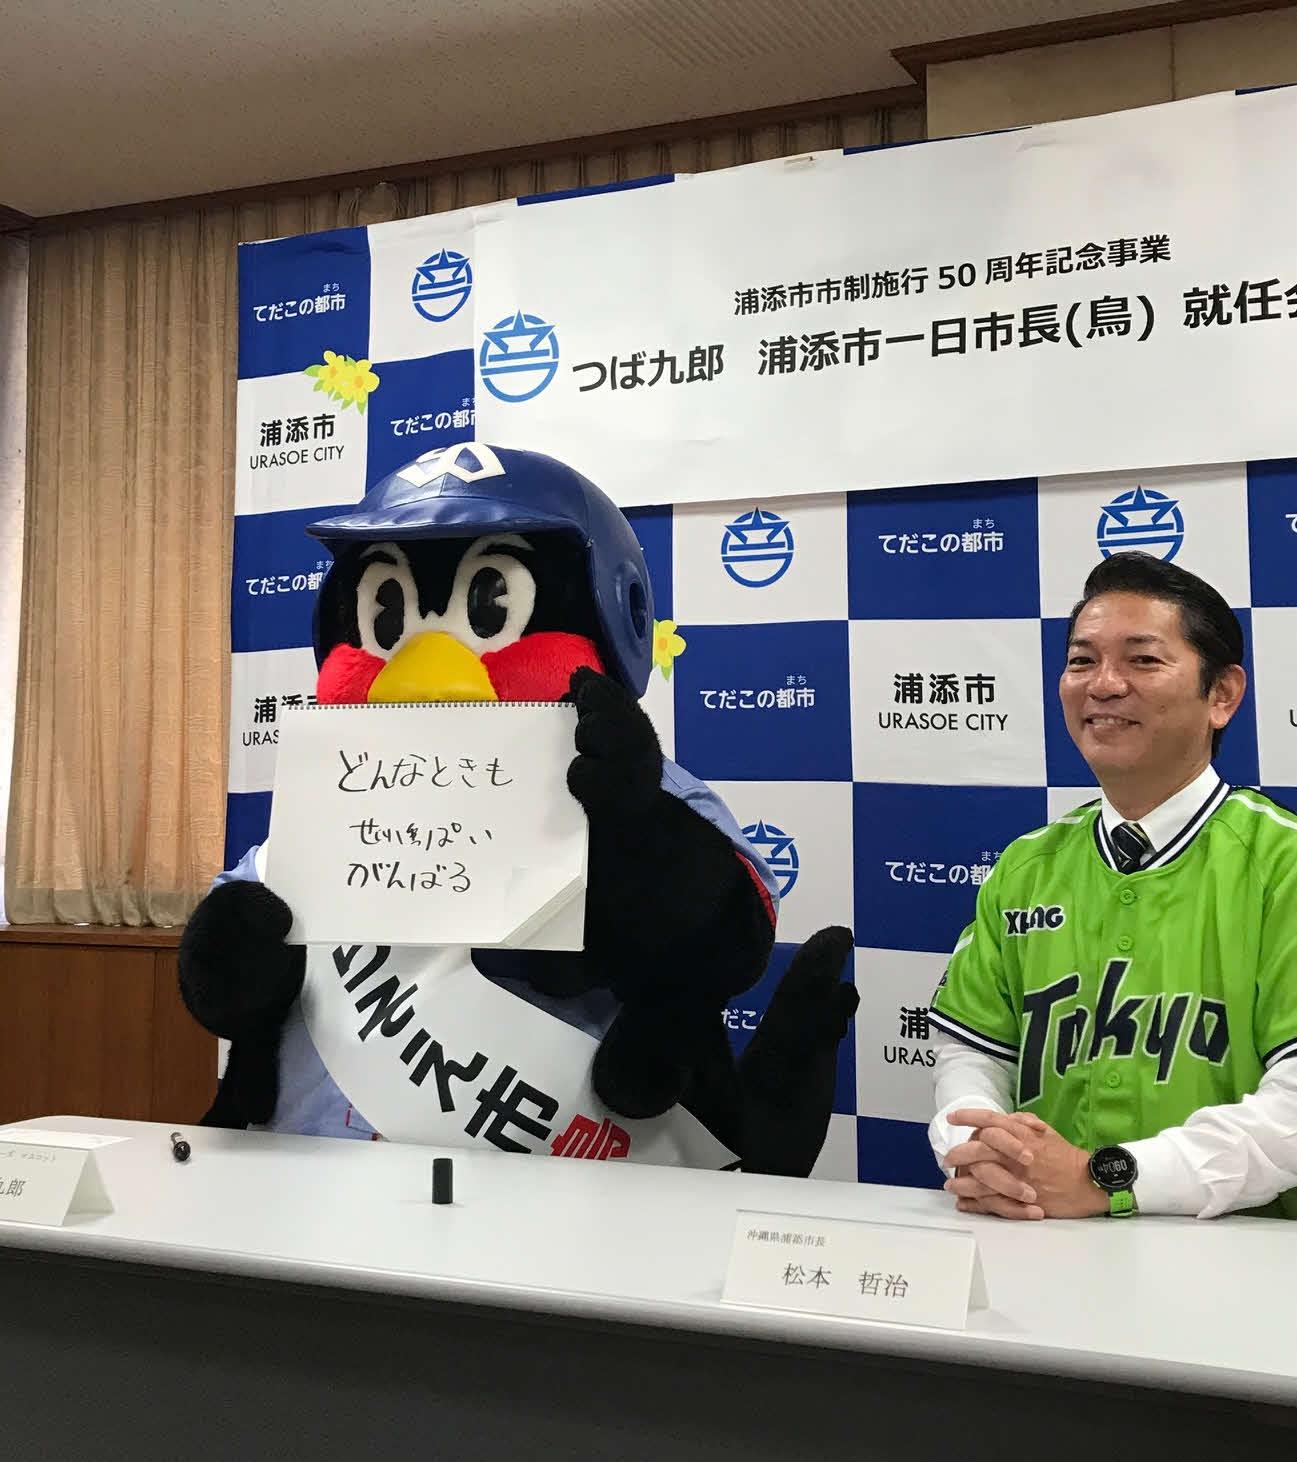 浦添市の一日市鳥に就任し「どんなときも せいいっぱい がんばる」と歌詞のフレーズをもじって意気込むつば九郎(20年2月14日撮影)